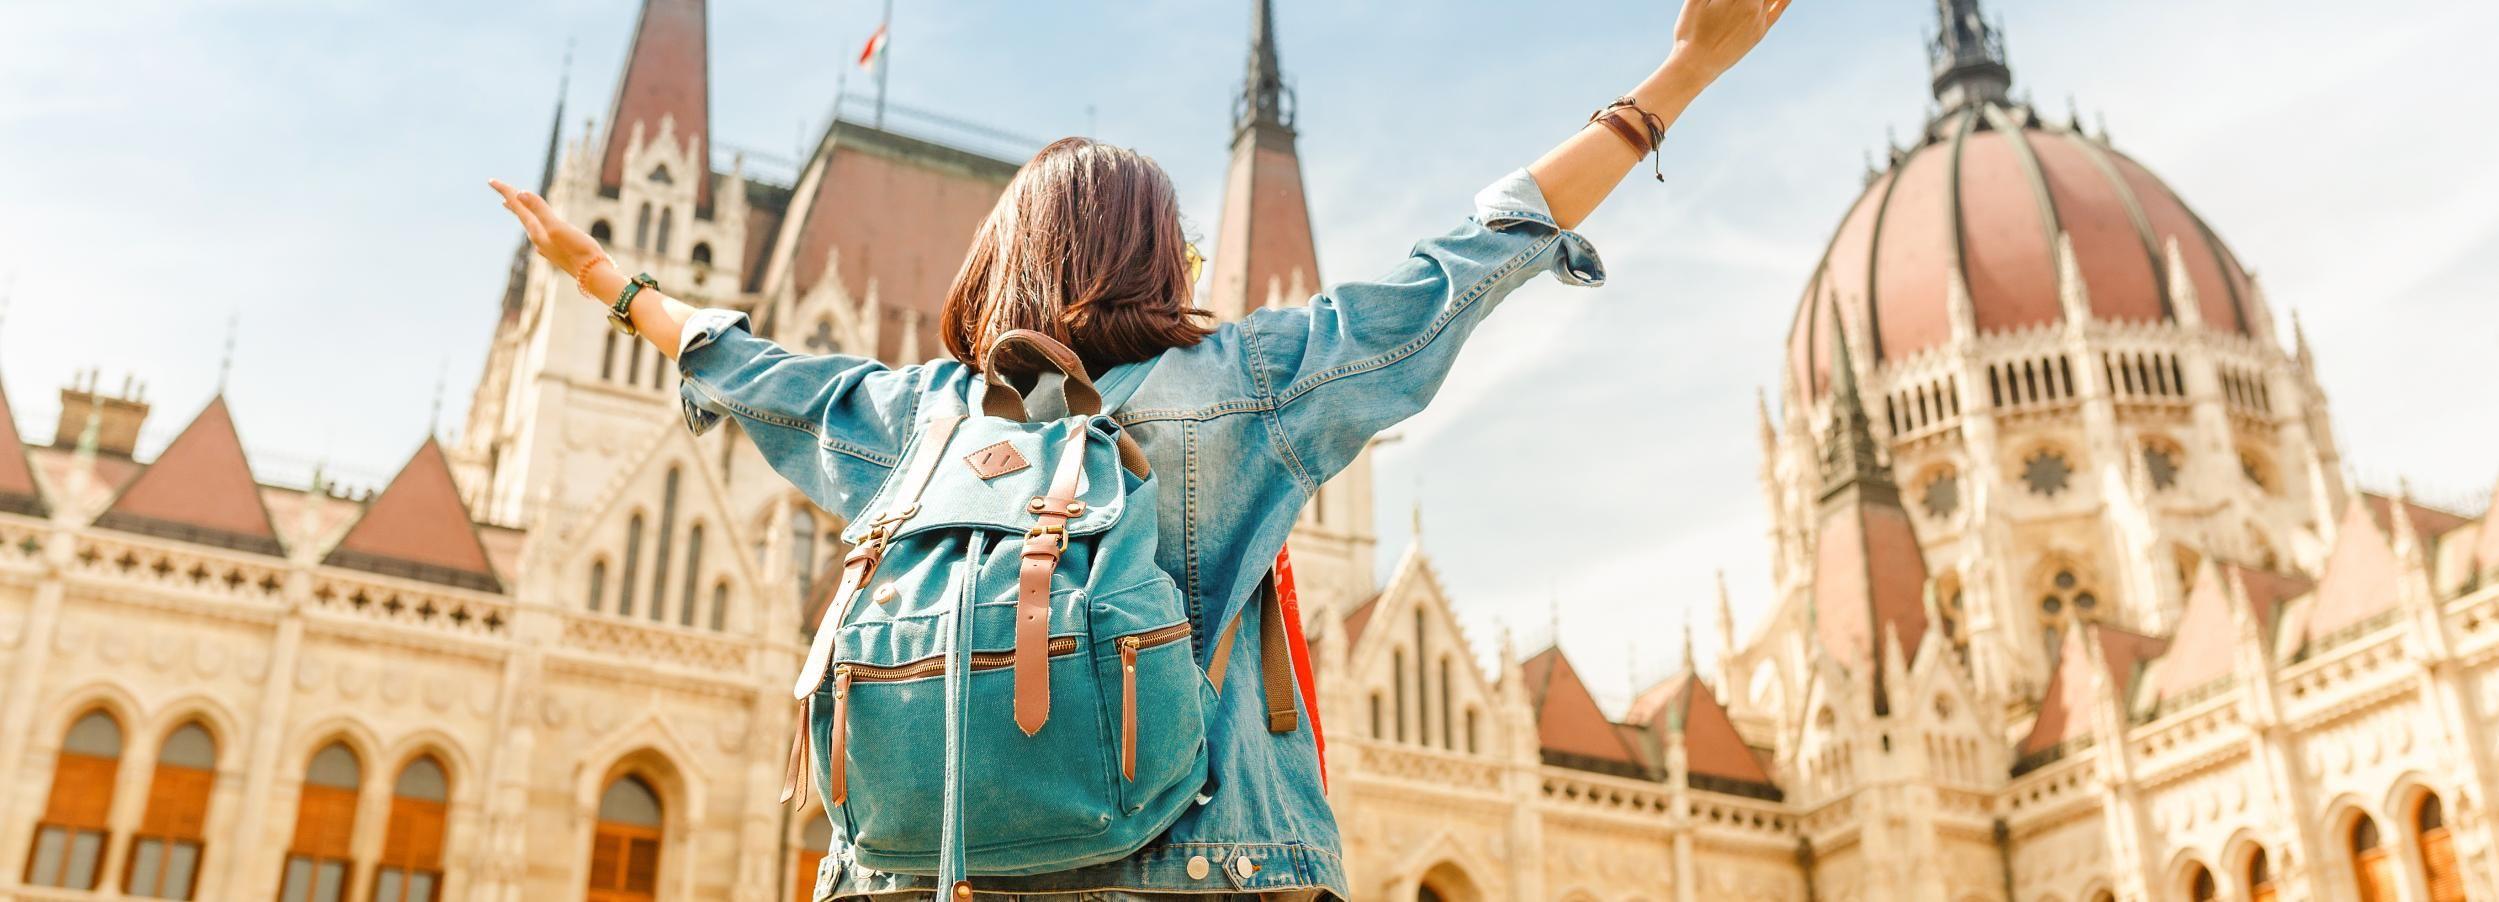 布達佩斯:1小時國會遊覽及酒店接客服務